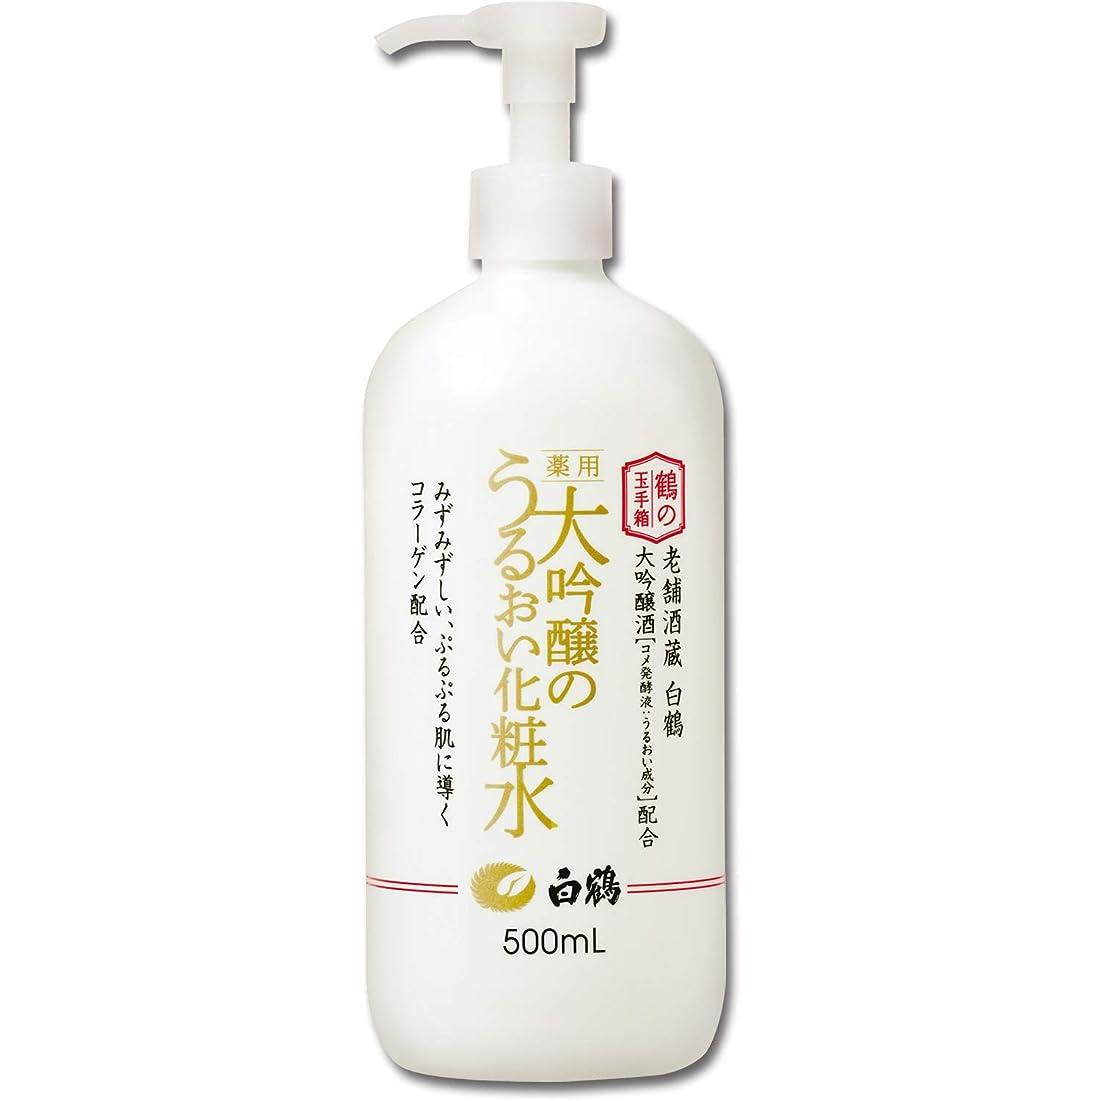 印象的ながんばり続ける華氏白鶴 鶴の玉手箱 薬用 大吟醸のうるおい化粧水 500ml